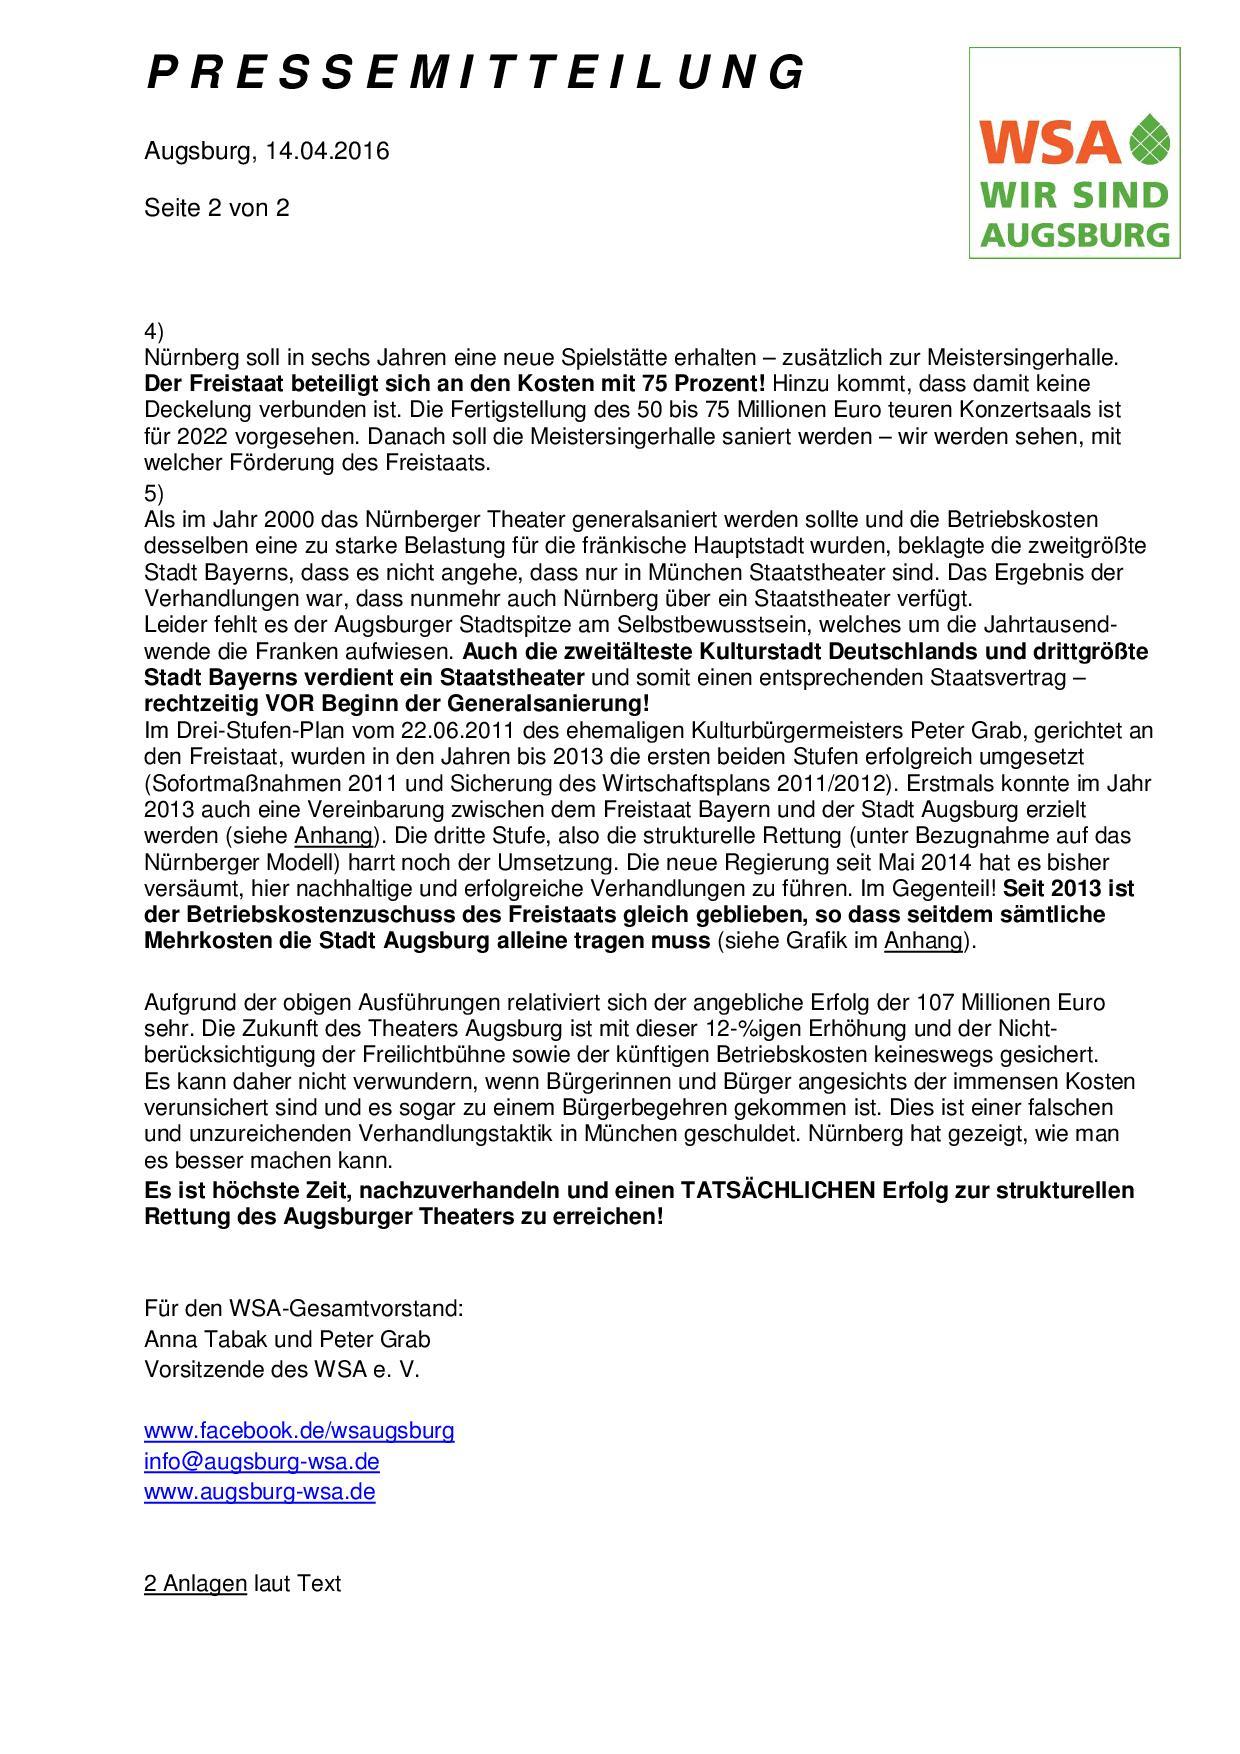 WSA-Pressemitteilung vom 14.04.2016 zu den Verhandlungen zur Zukunftssicherung des Augsburger Theaters-002